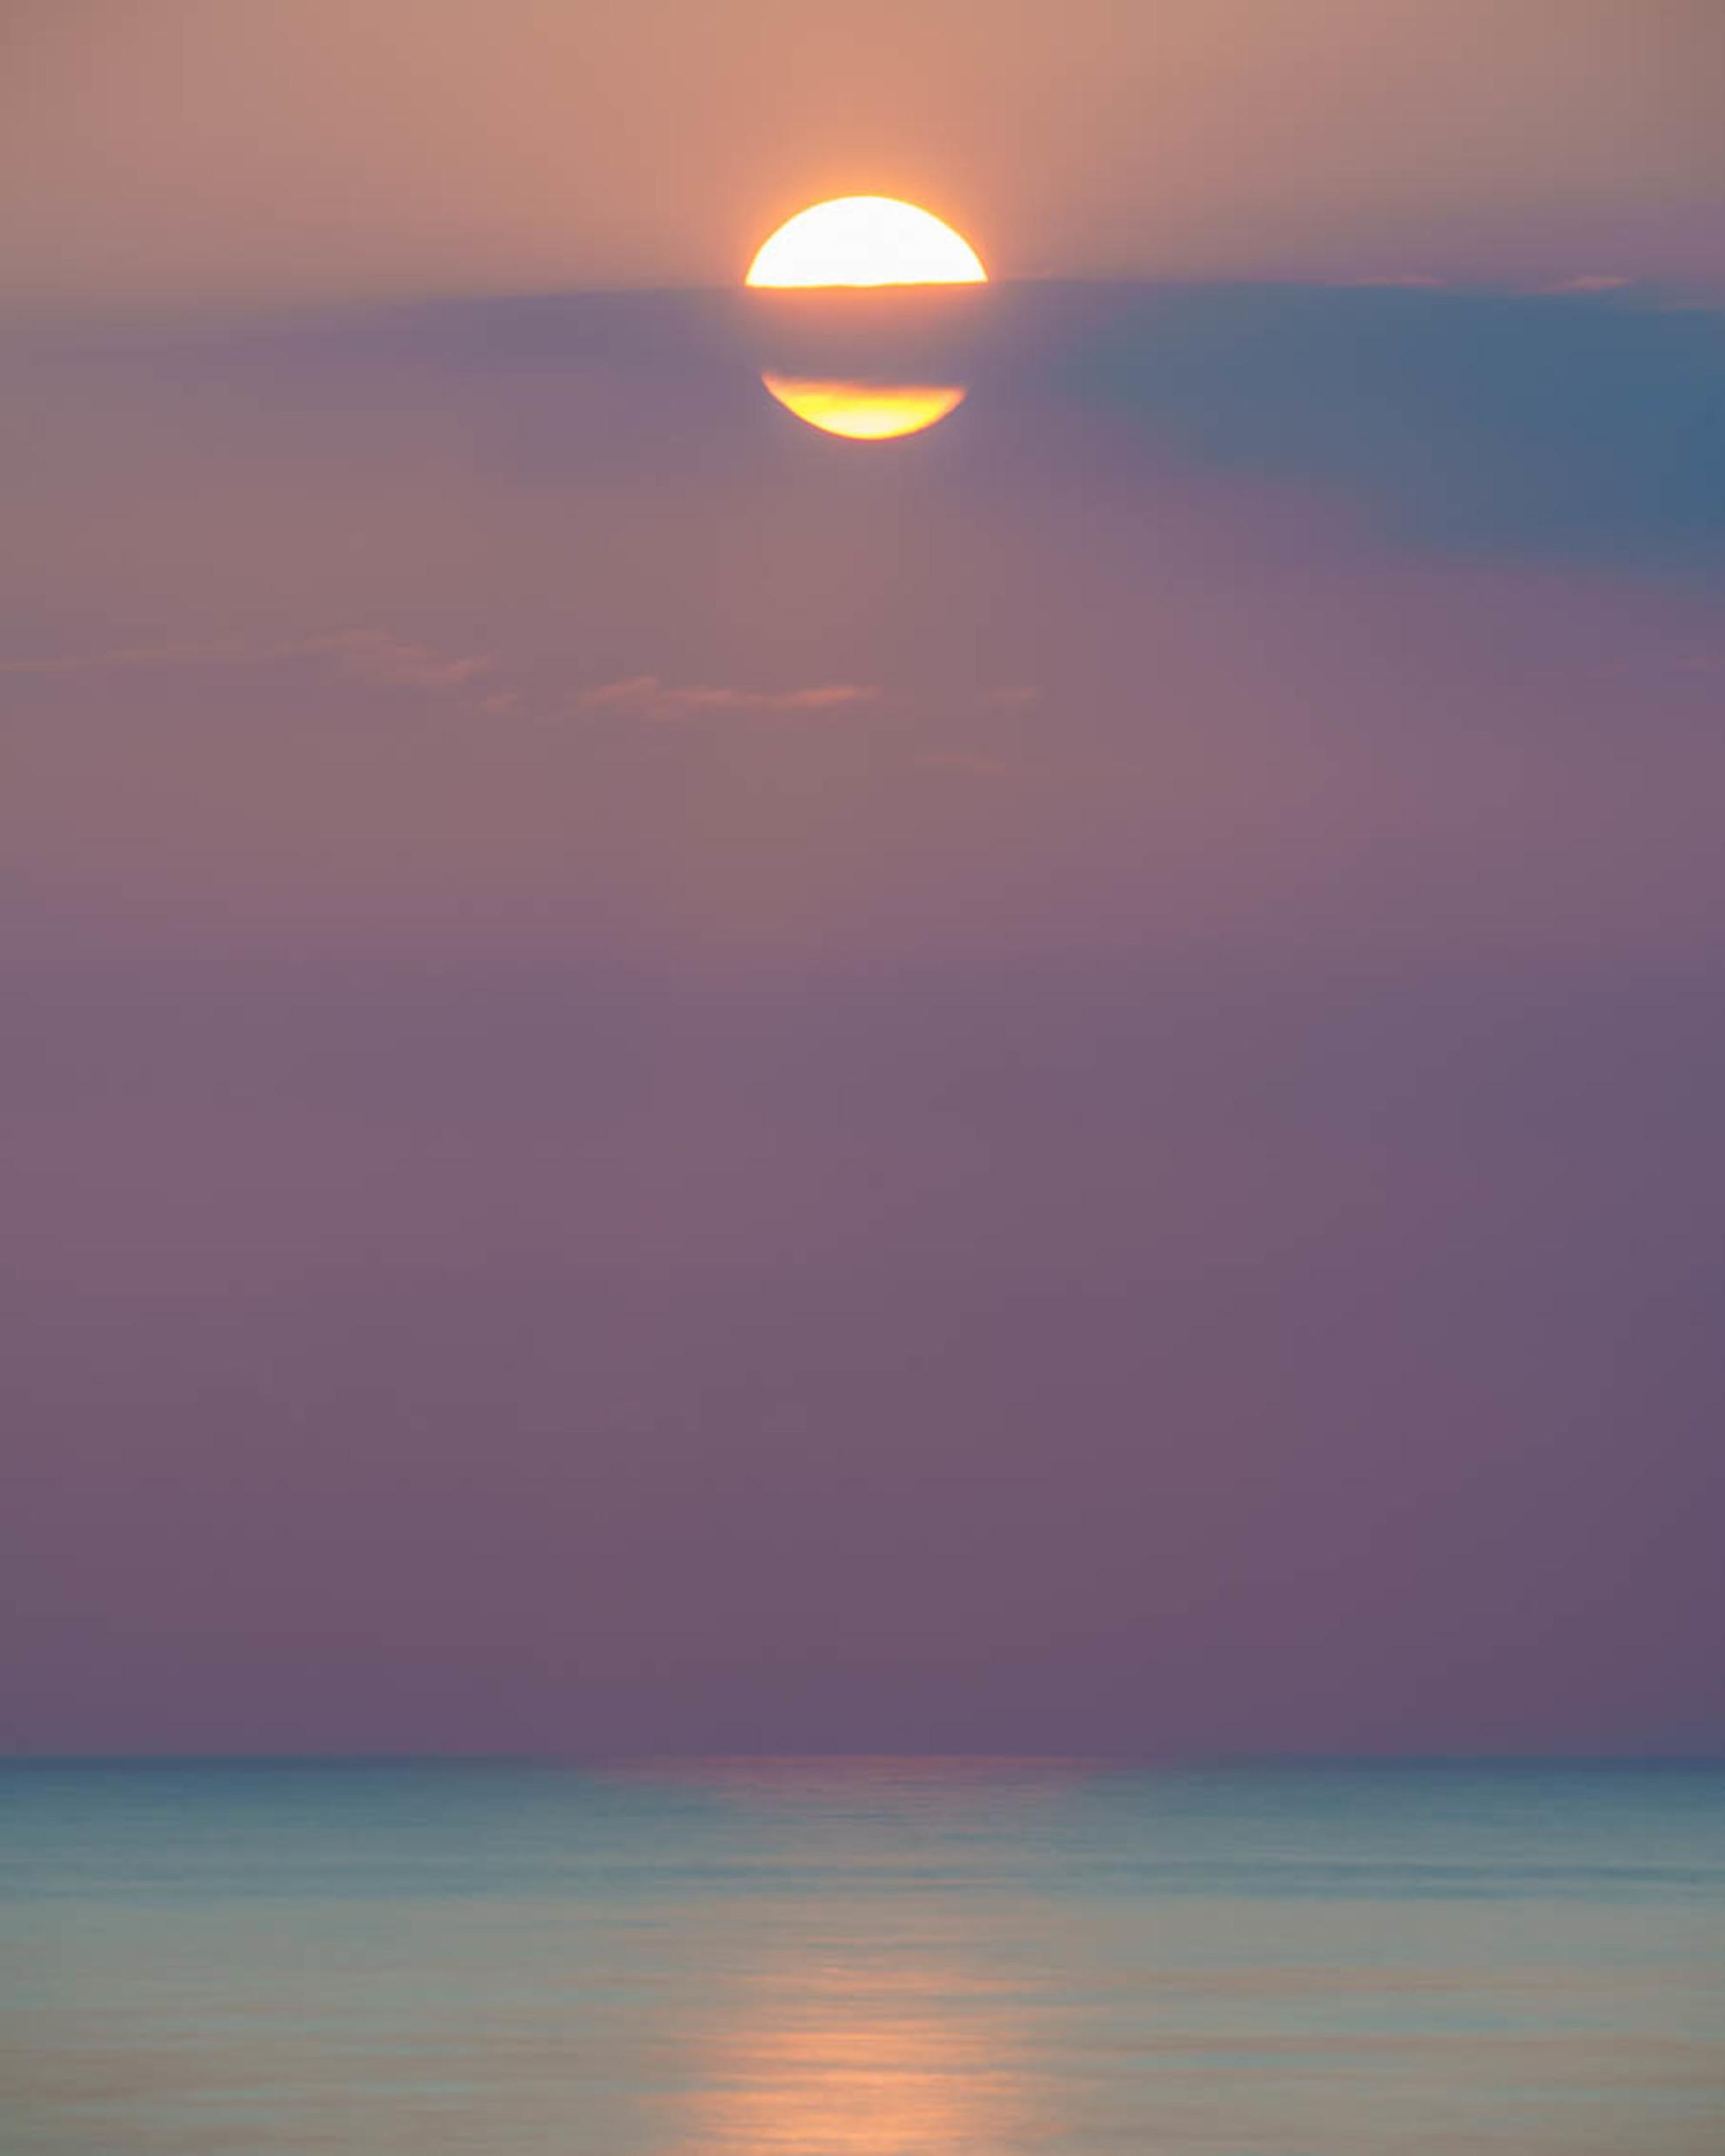 Zonsondergang - - - foto door jrvanalphen op 15-06-2020 - deze foto bevat: zee, zonsondergang, katwijk, lange sluitertijd - Deze foto mag gebruikt worden in een Zoom.nl publicatie